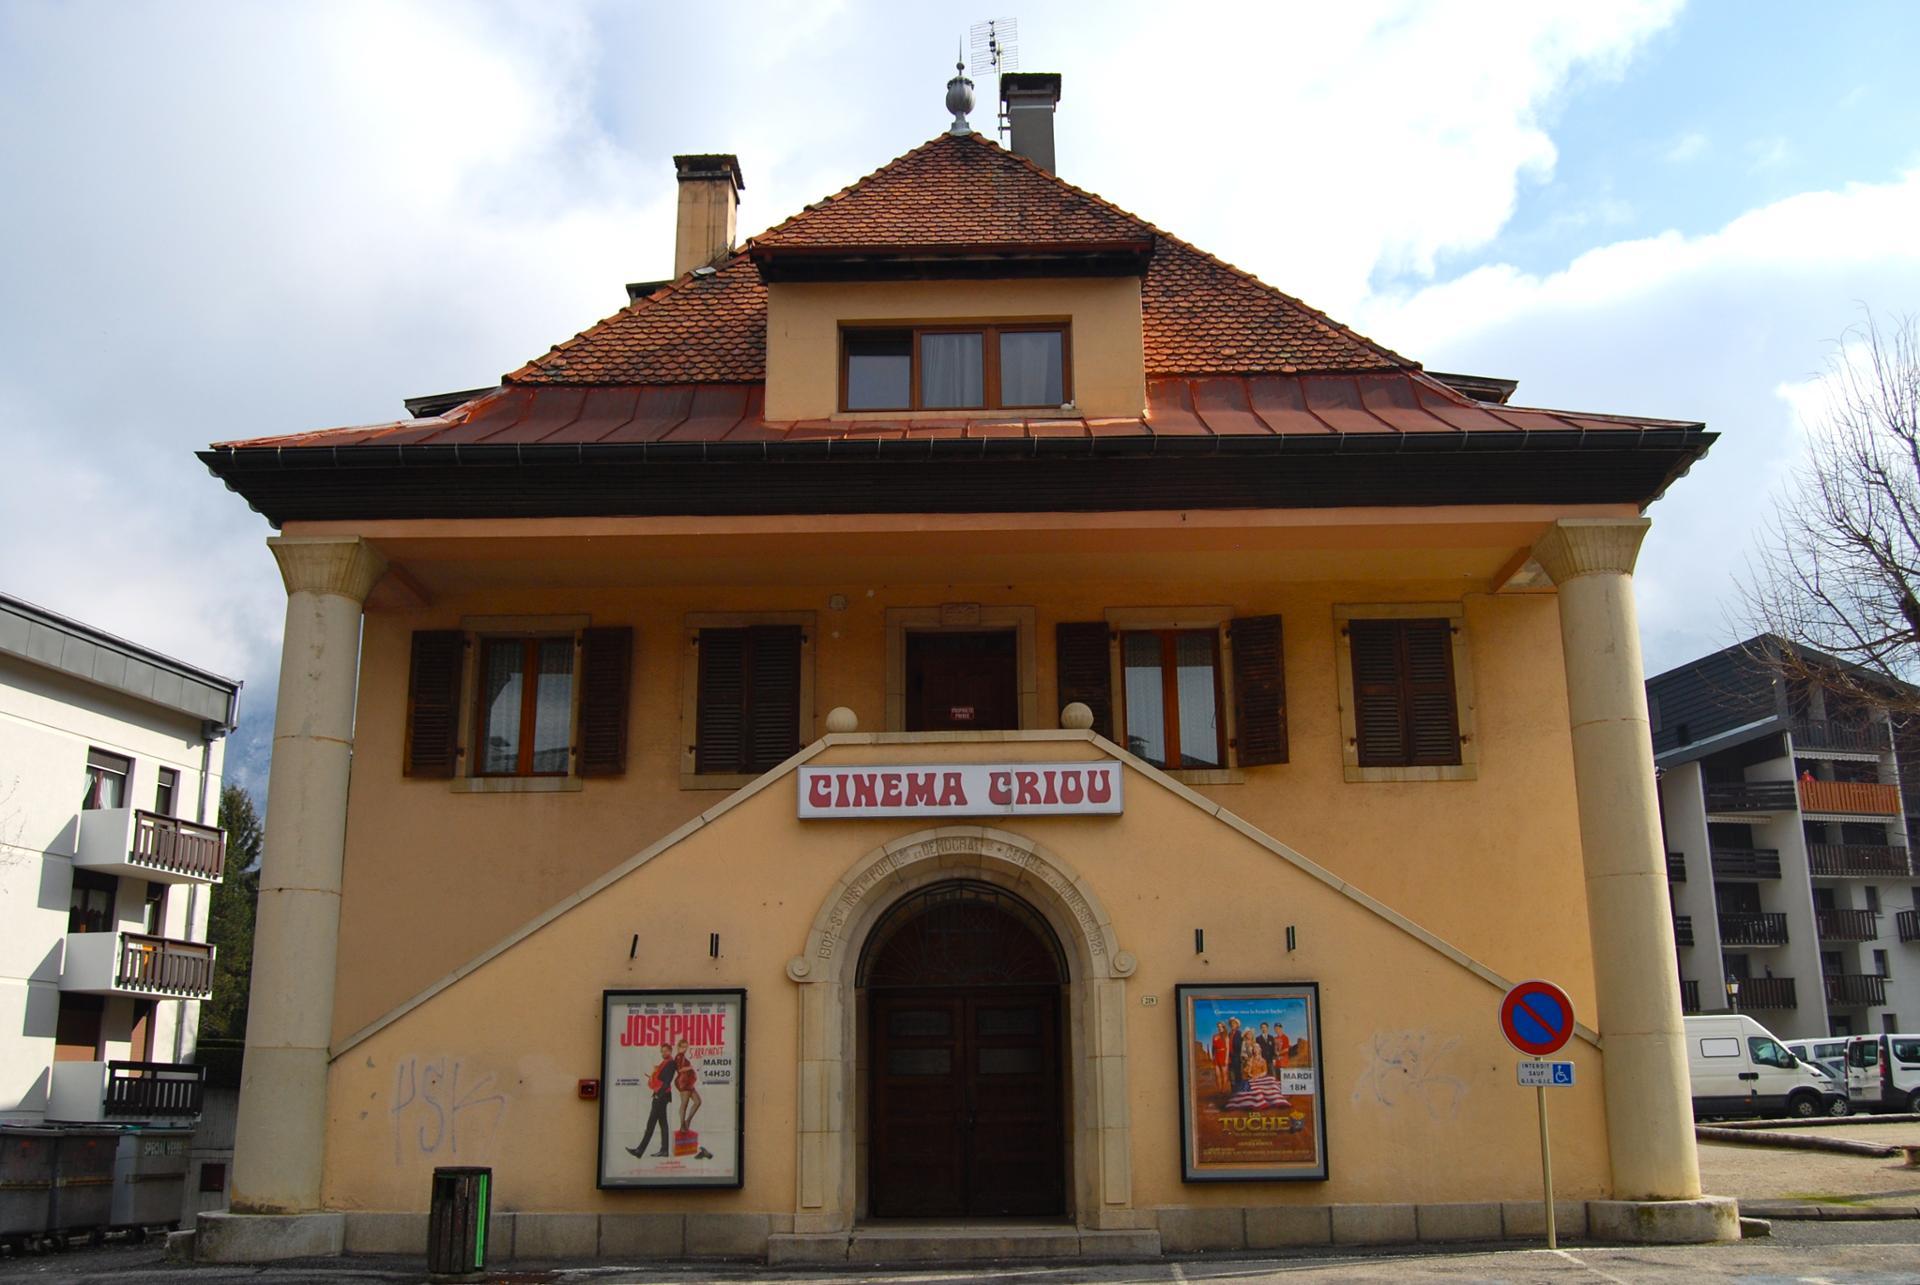 Cinéma Criou 1